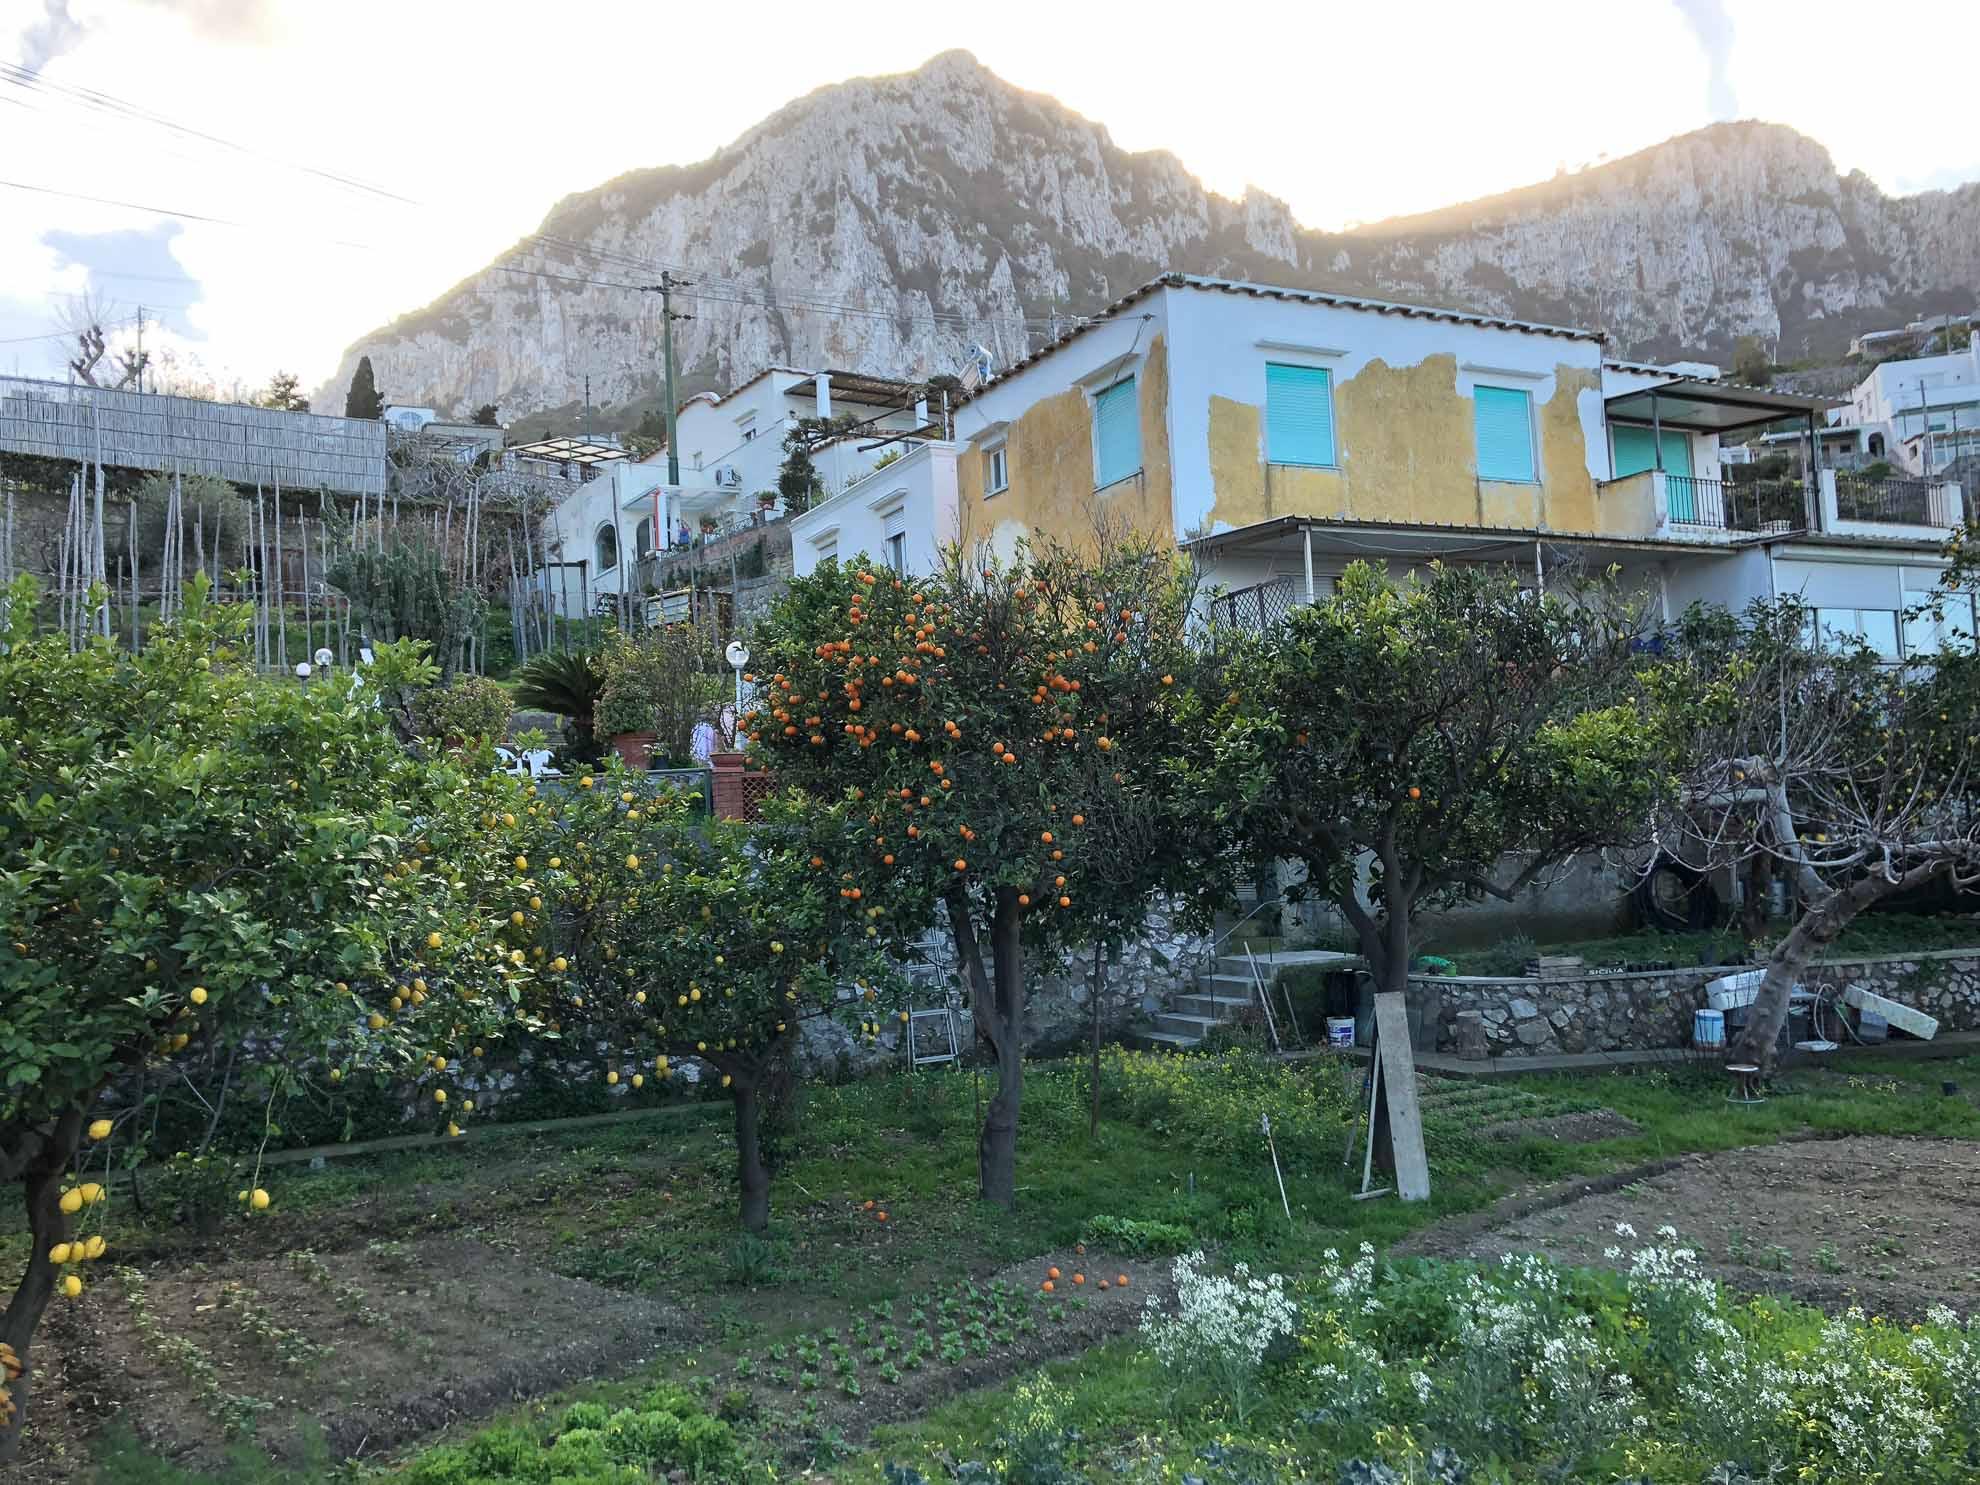 Zitronenbäume im Garten.